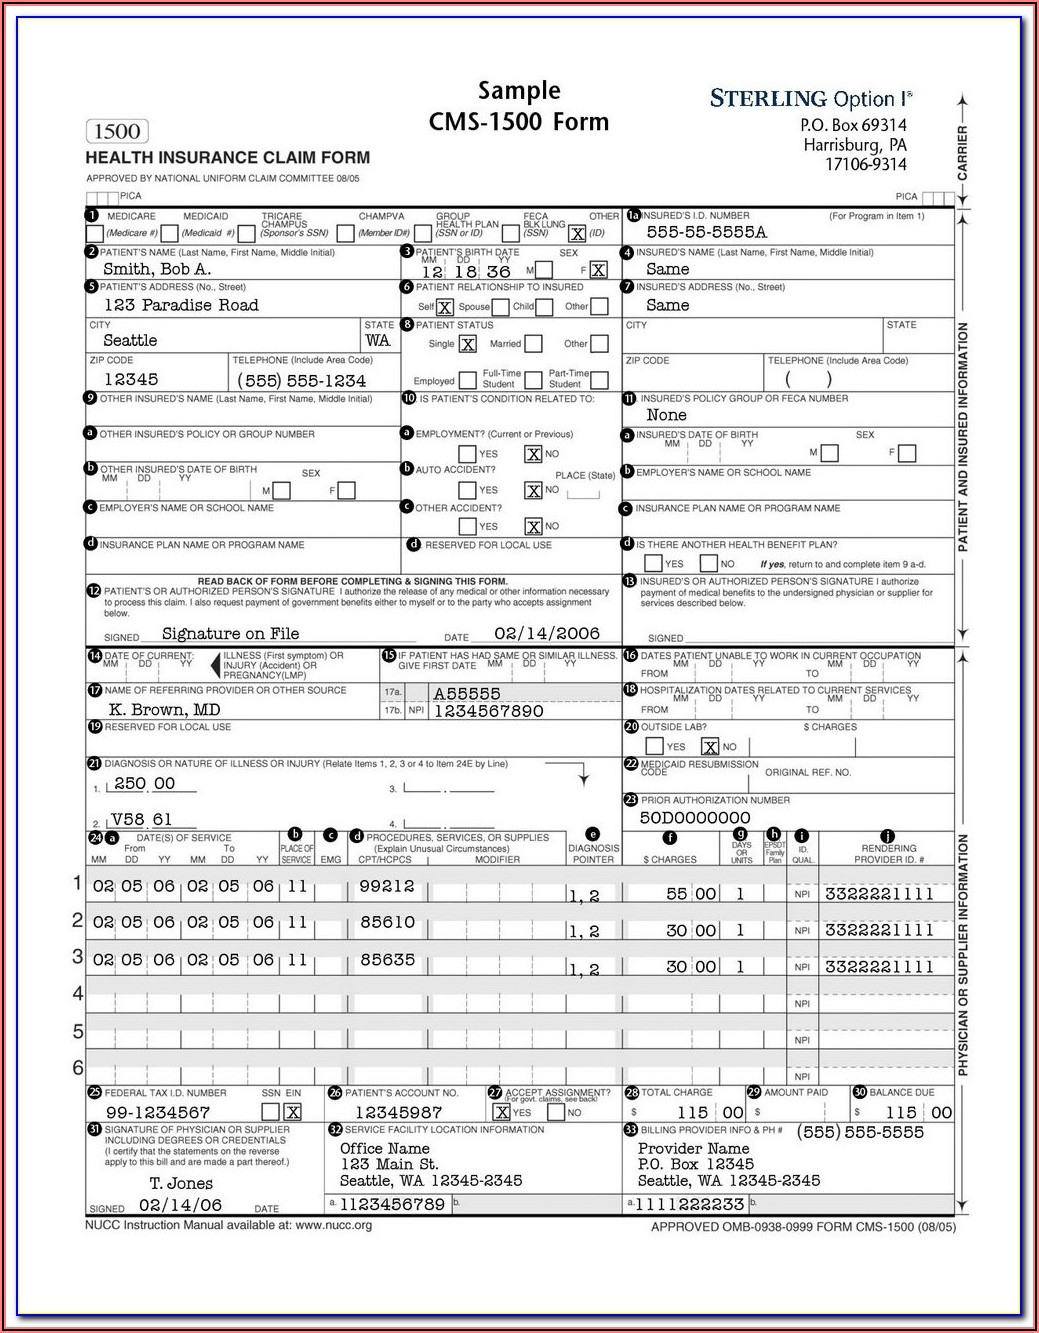 Hcfa Claim Form Image